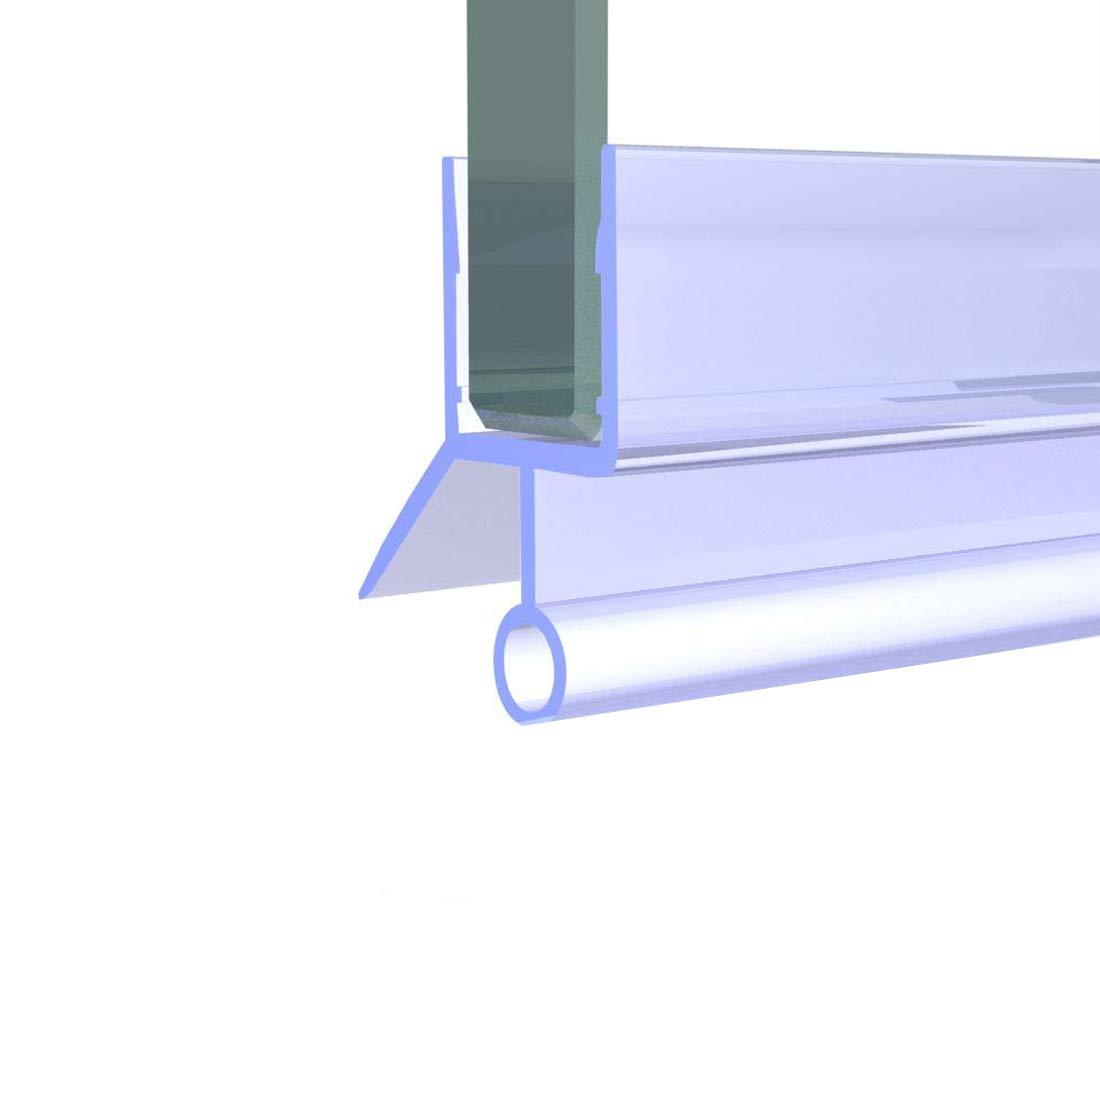 Duschdichtung mit Wasserabweiser f/ür Duschkabine mit 7-8mm Glasdicke Meykoe 100cm Duscht/ür Dichtung Ersatzdichtung